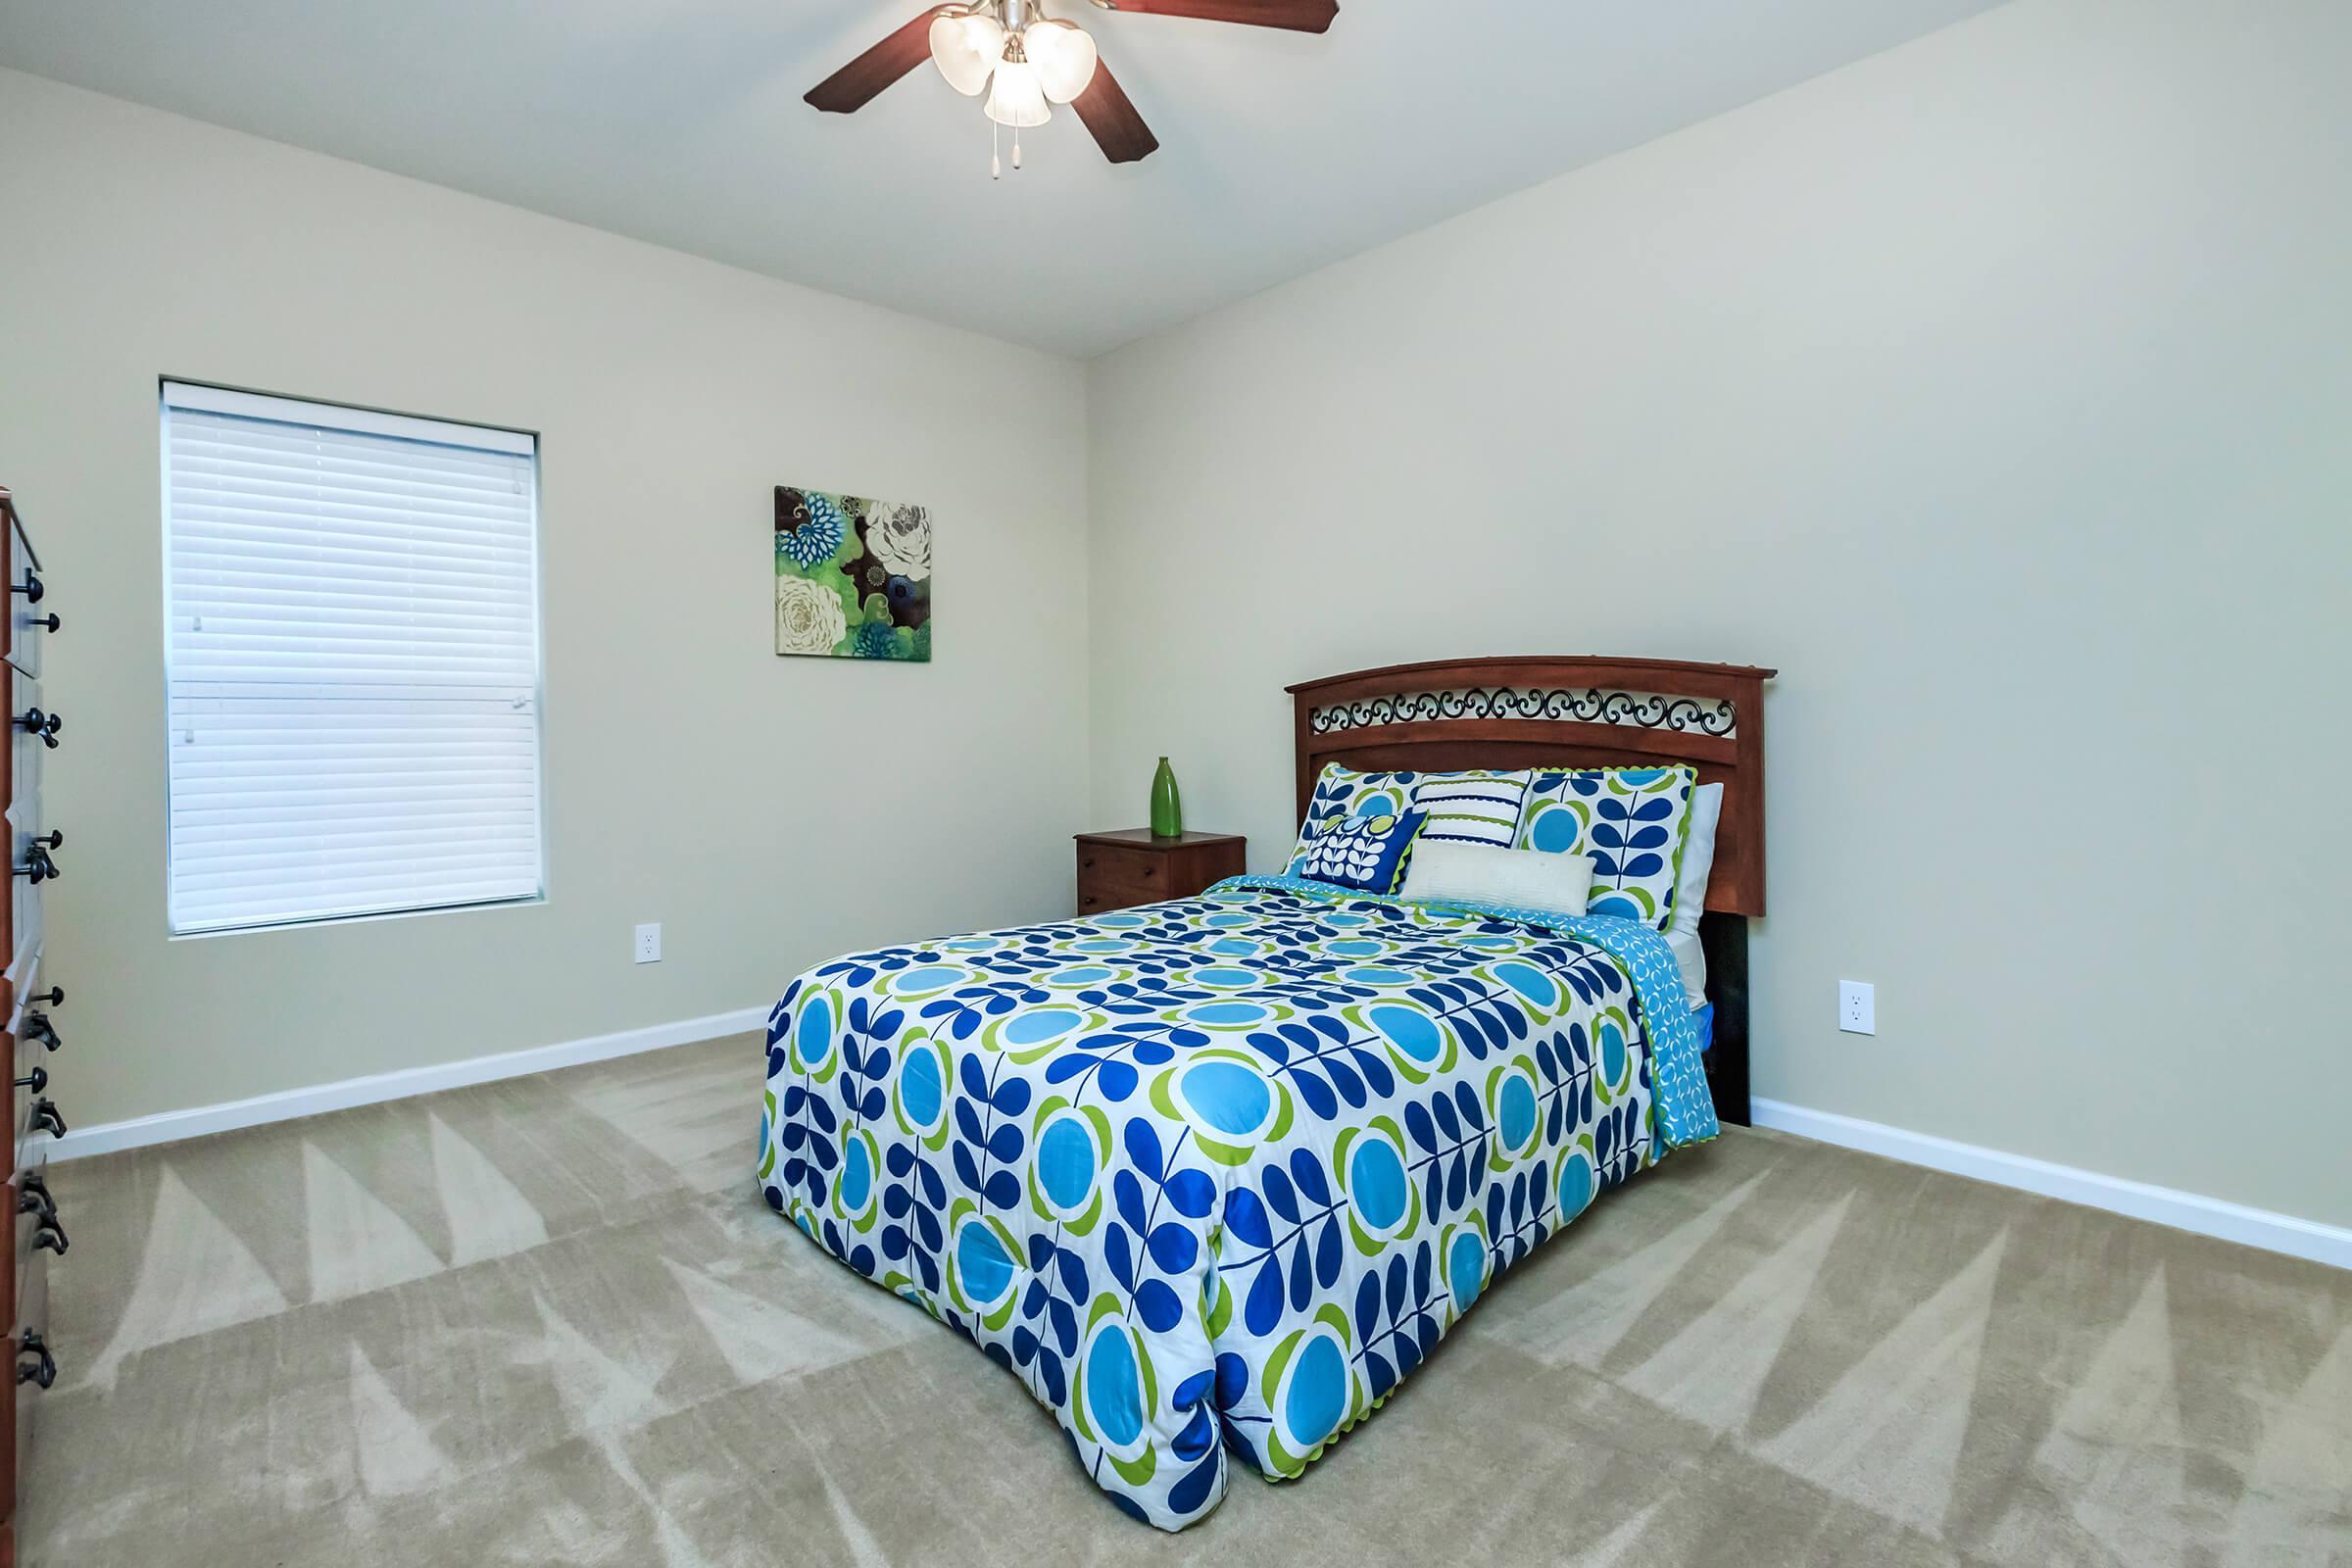 BEDROOM IN EAGLES CREST AT JACK MILLER